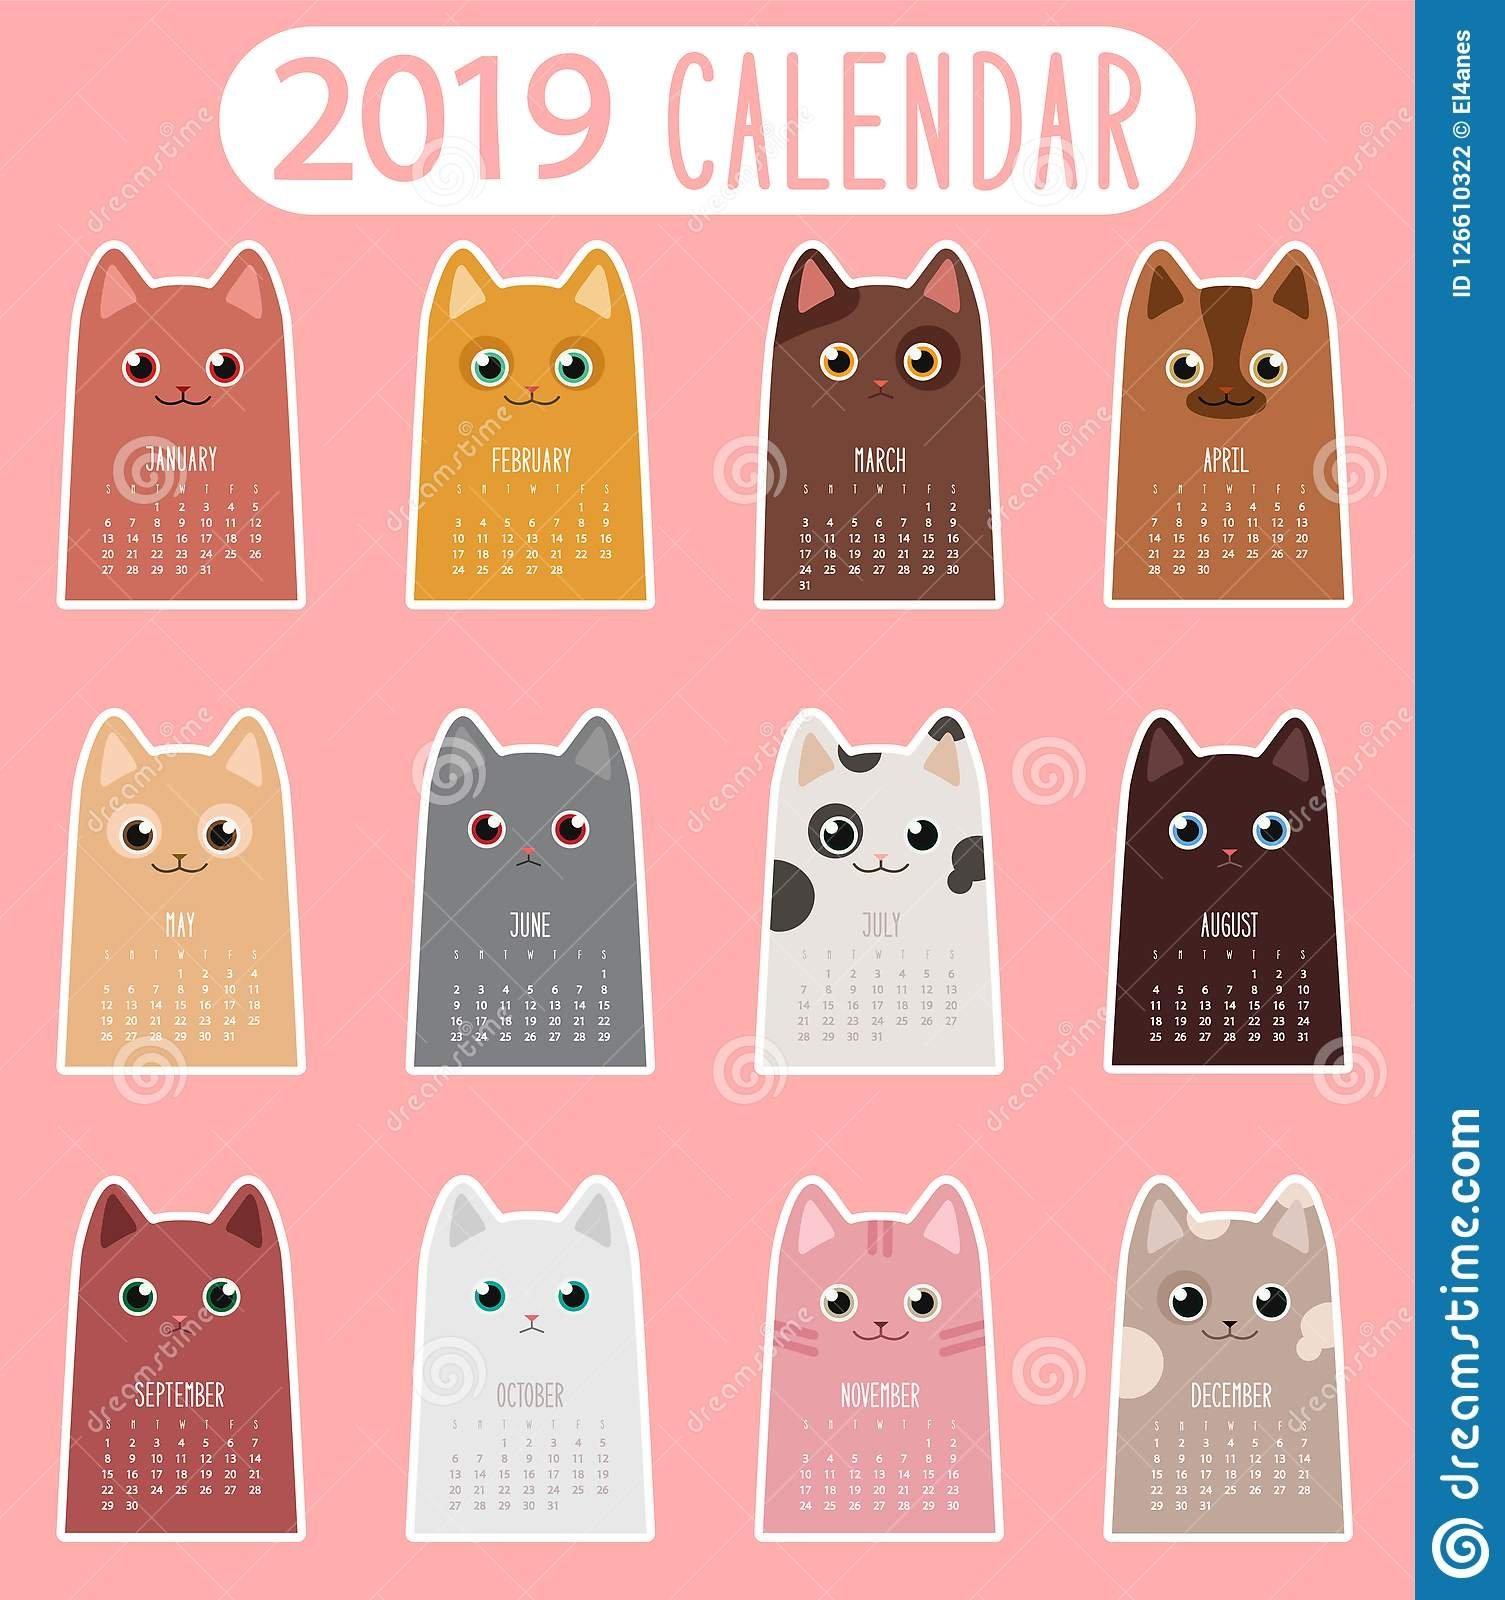 Cat Calendar 2019 Stock Vector. Illustration Of Sticker – 126610322 Calendar 2019 Cats